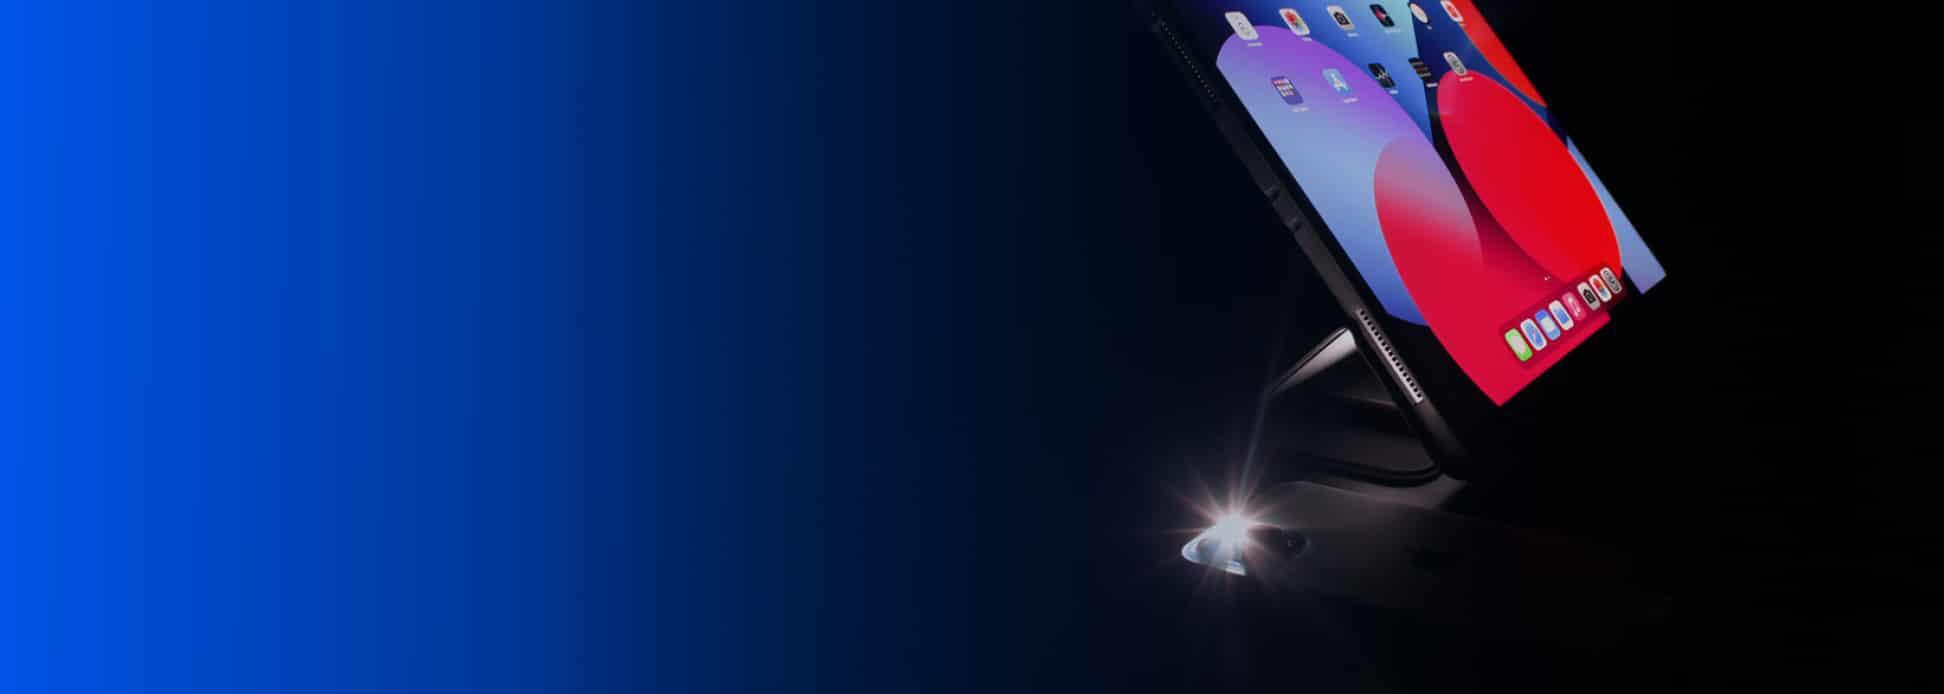 ipad und iphone mit taschenlampe schwarz blau